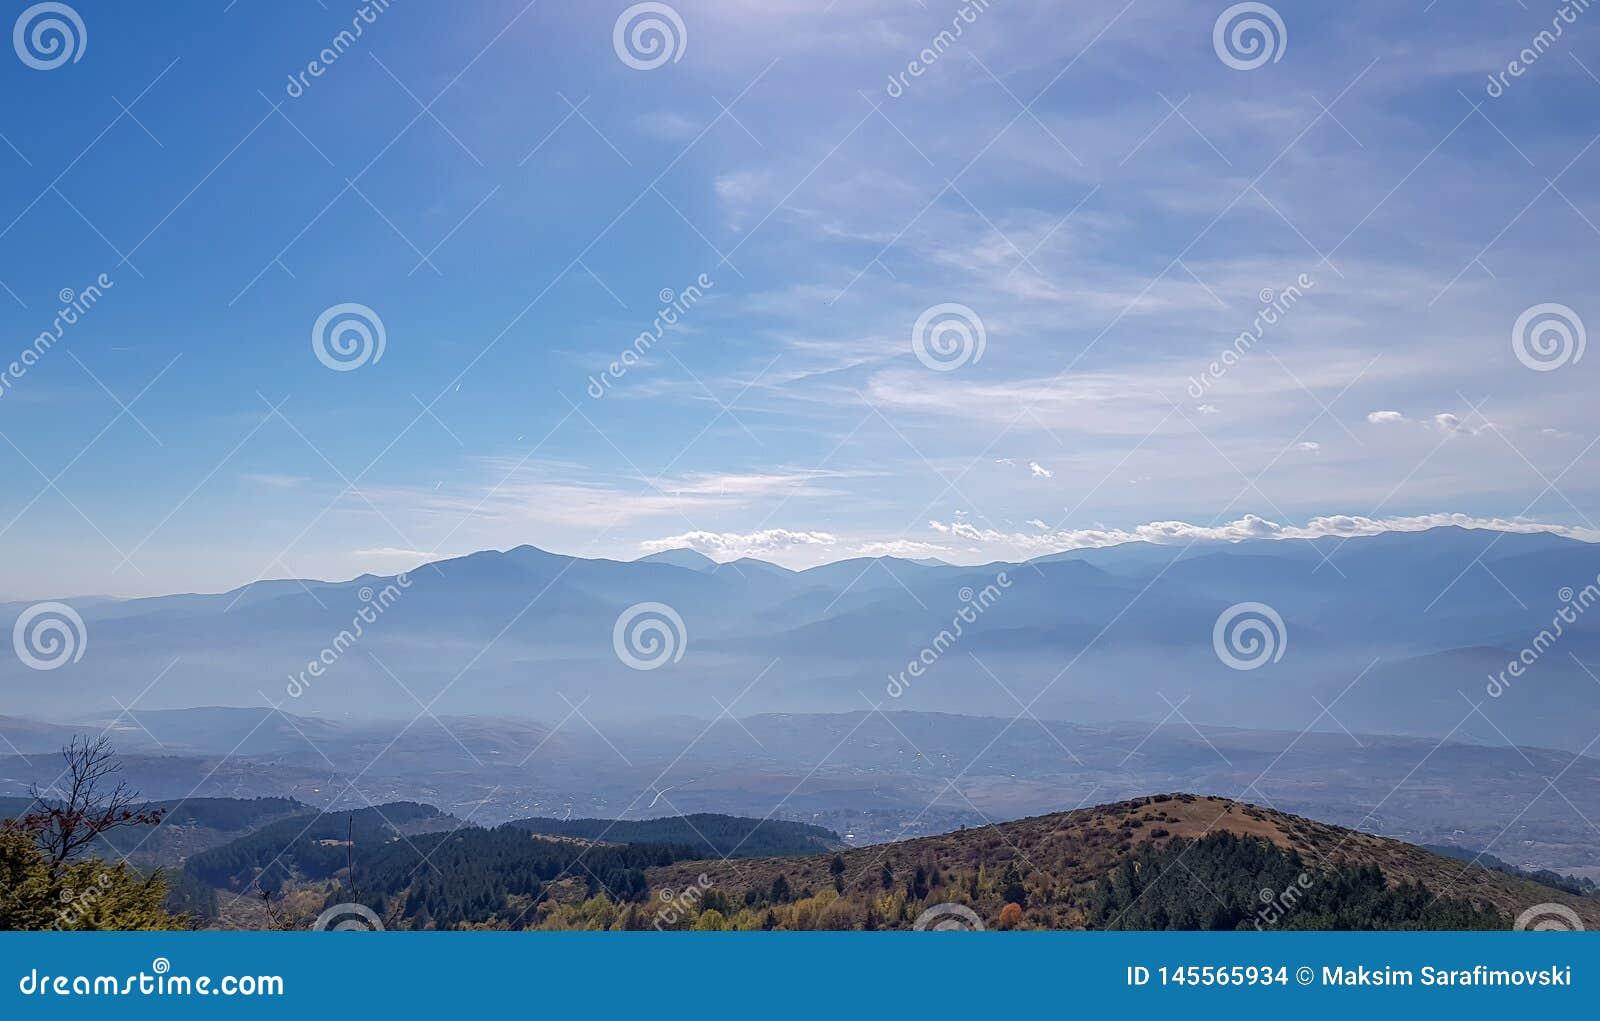 Góry sylwetka przez mgły z pięknym horyzontem